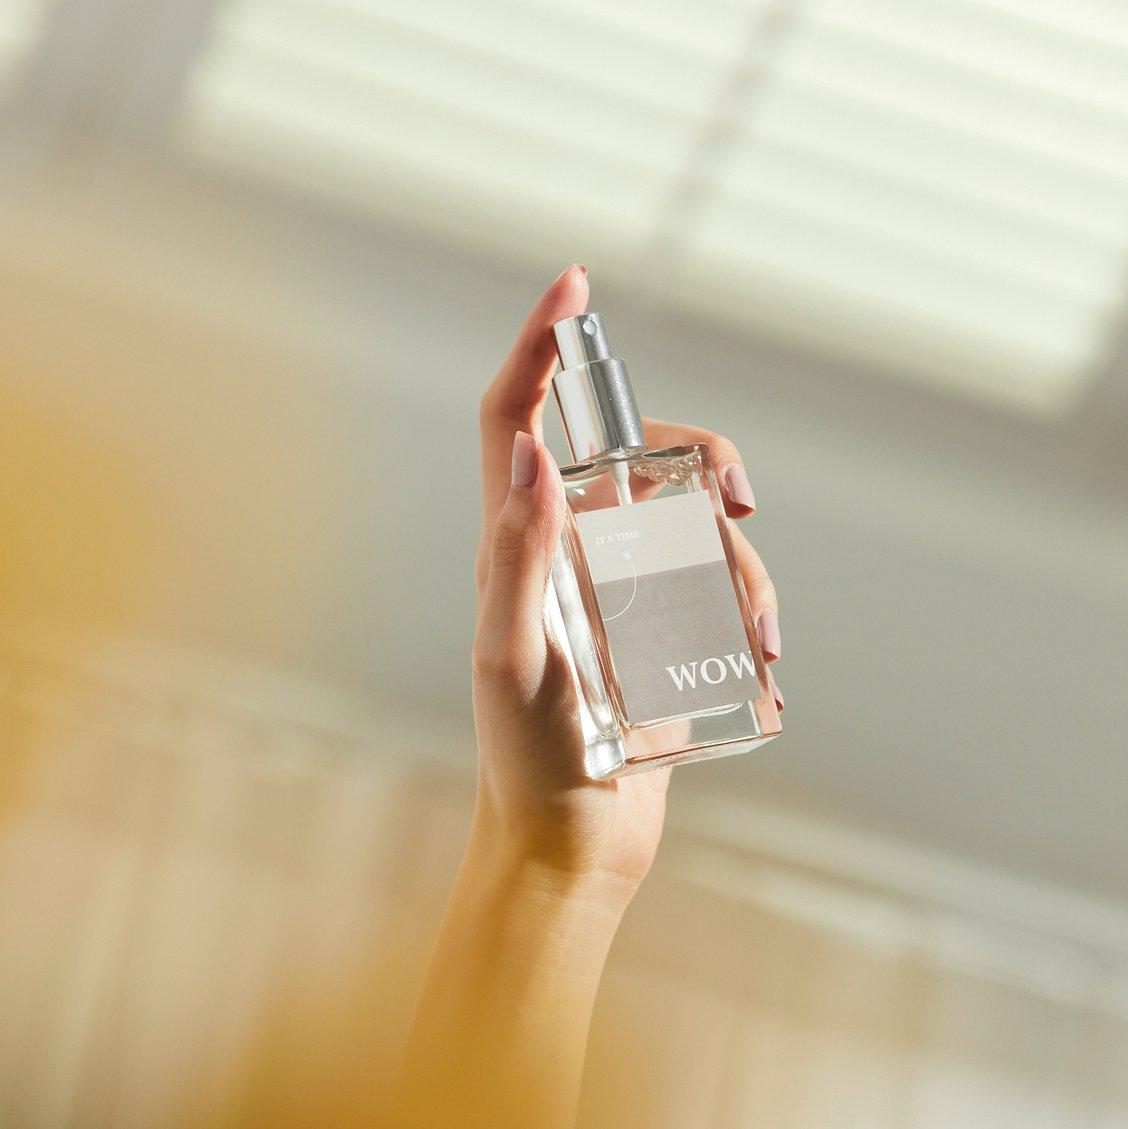 【完售倒數】IT'S TIME 來點淡香水 - WOW 慶祝(50ml)